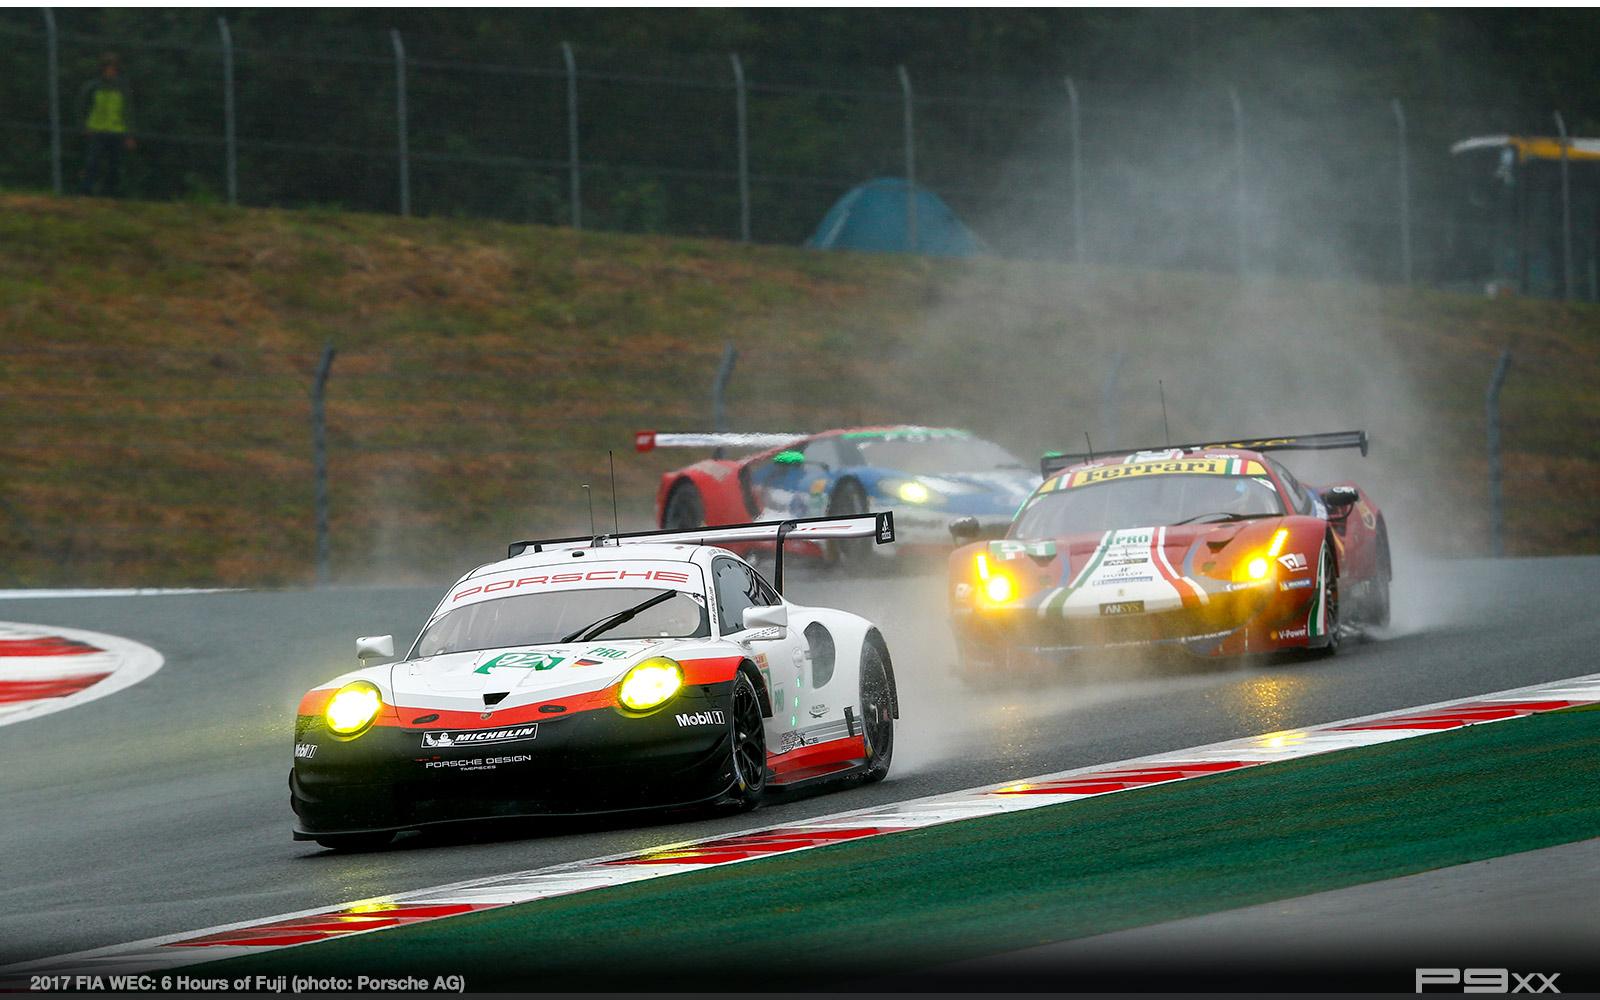 2017-FIA-WEC-6h-of-Fuji-Porsche-498